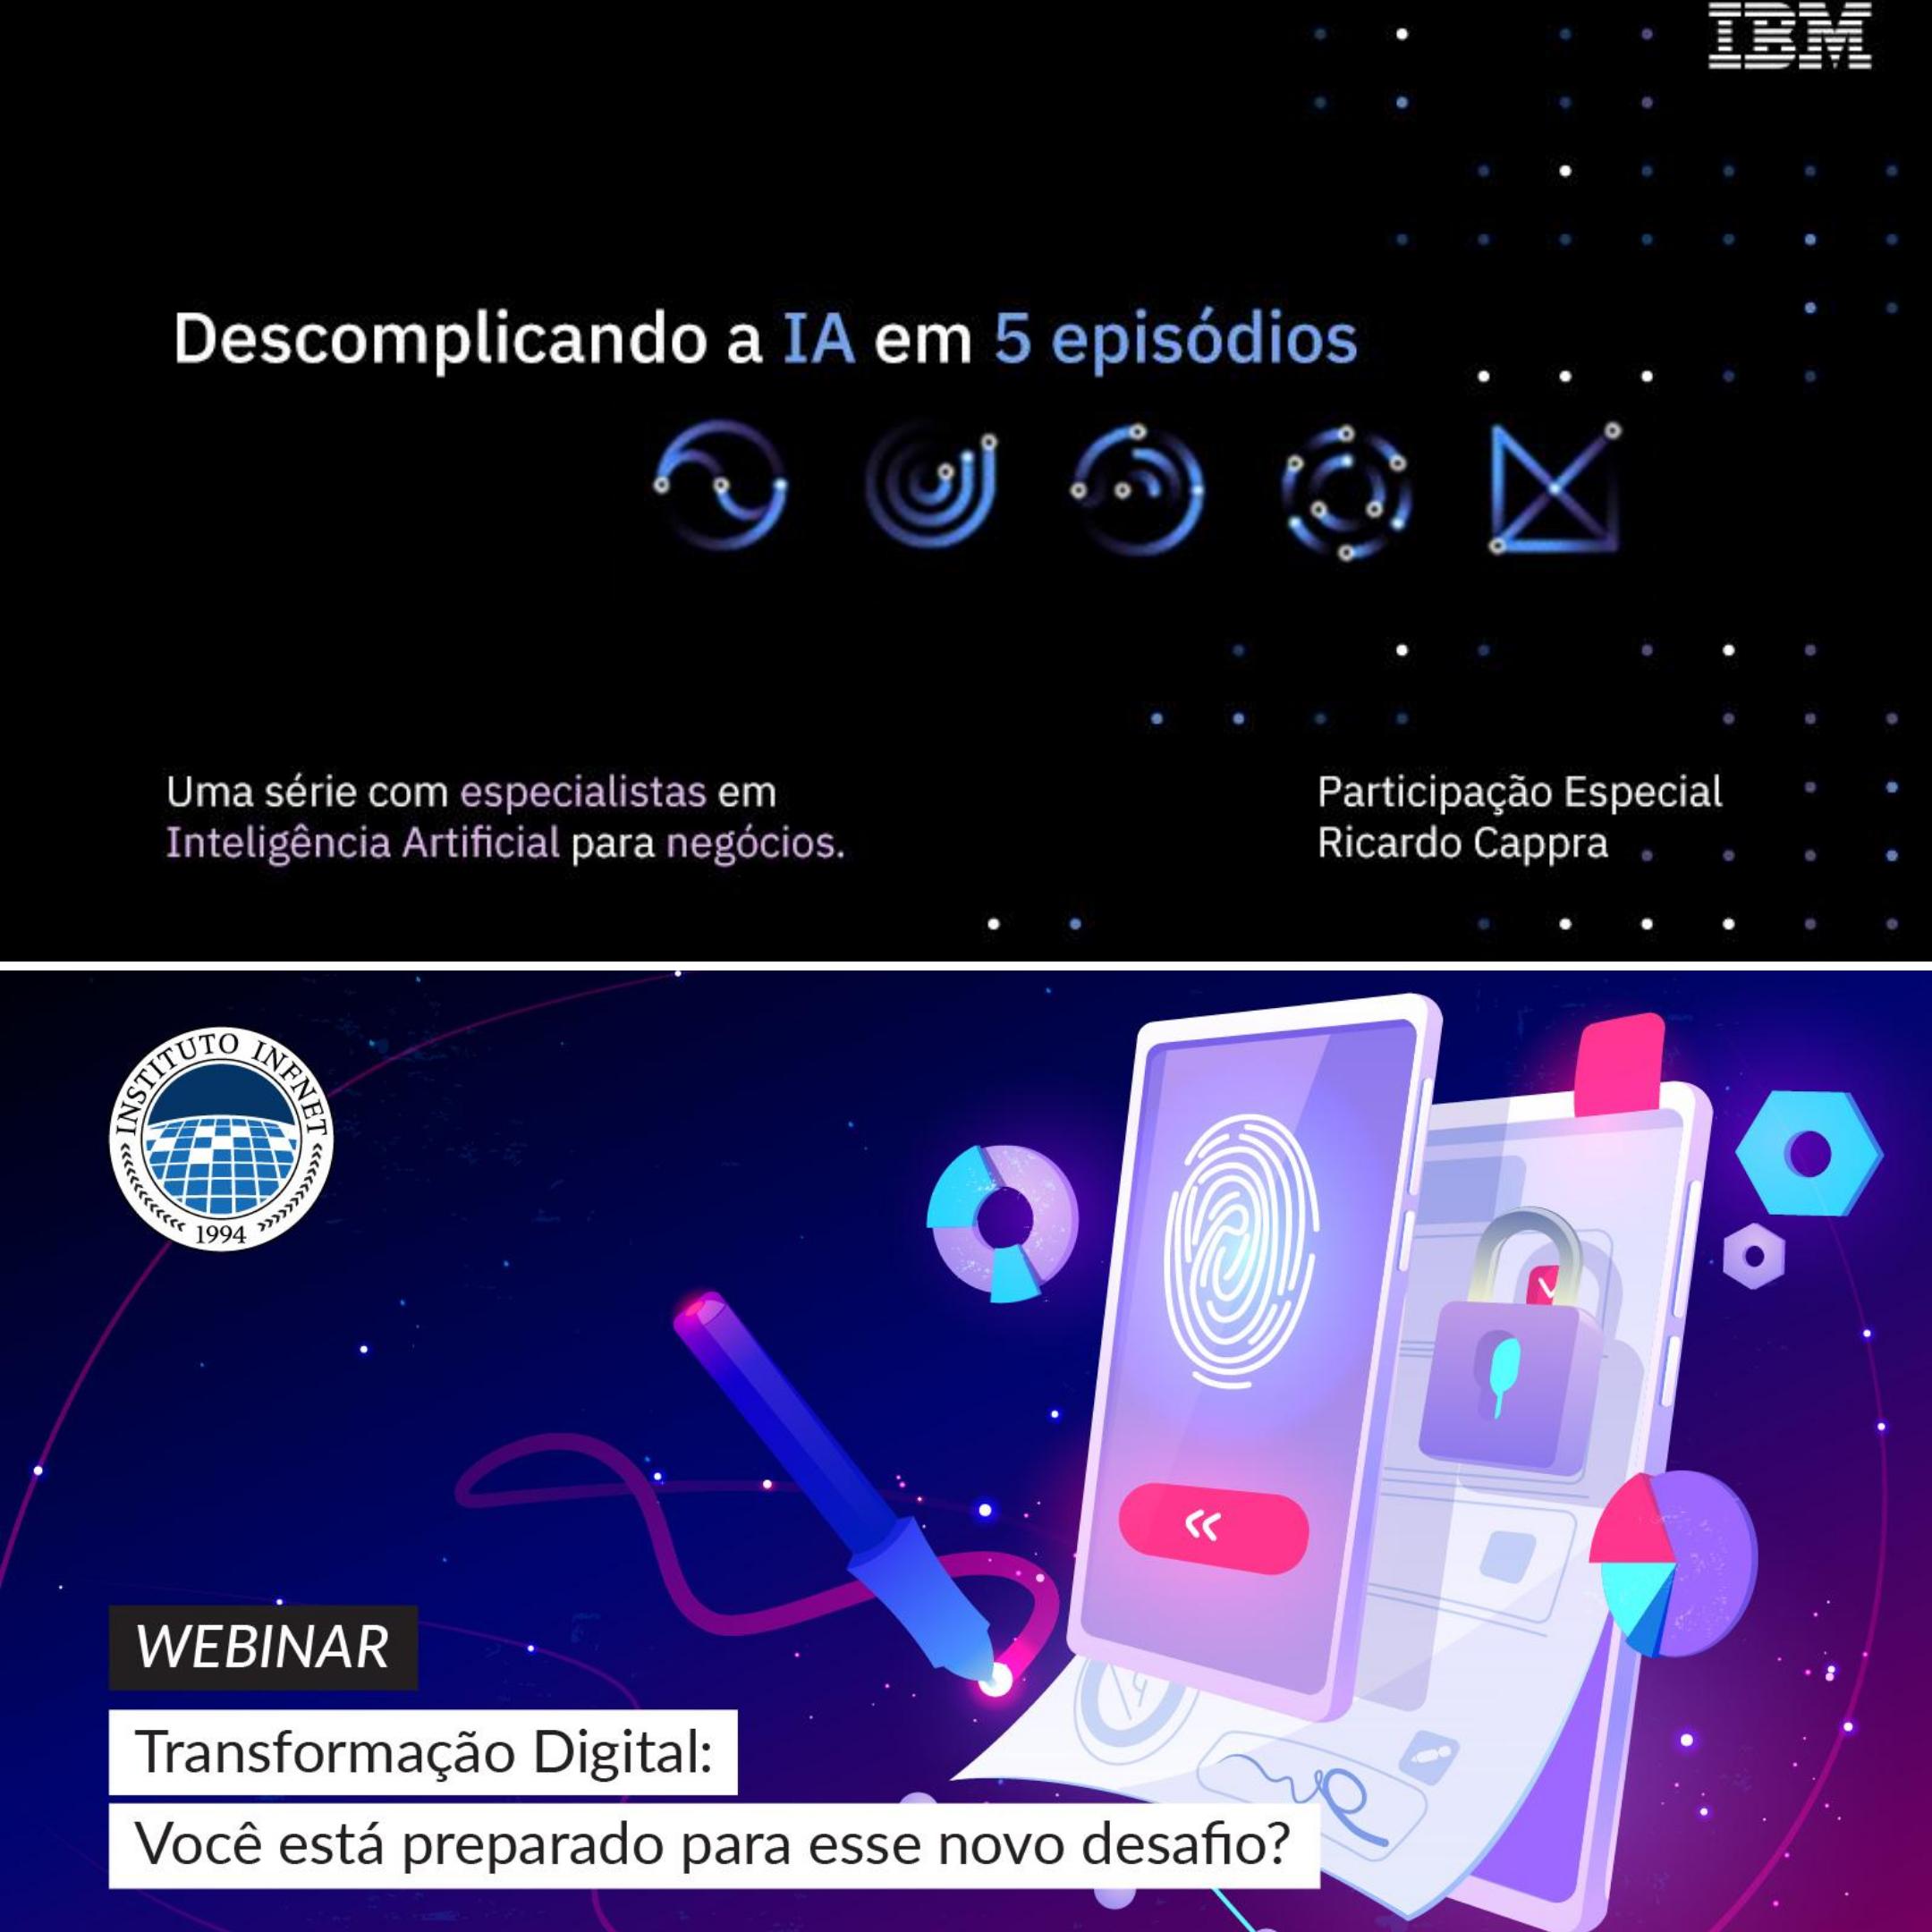 IBM e Infnet promovem webinar nesta terça-feira.